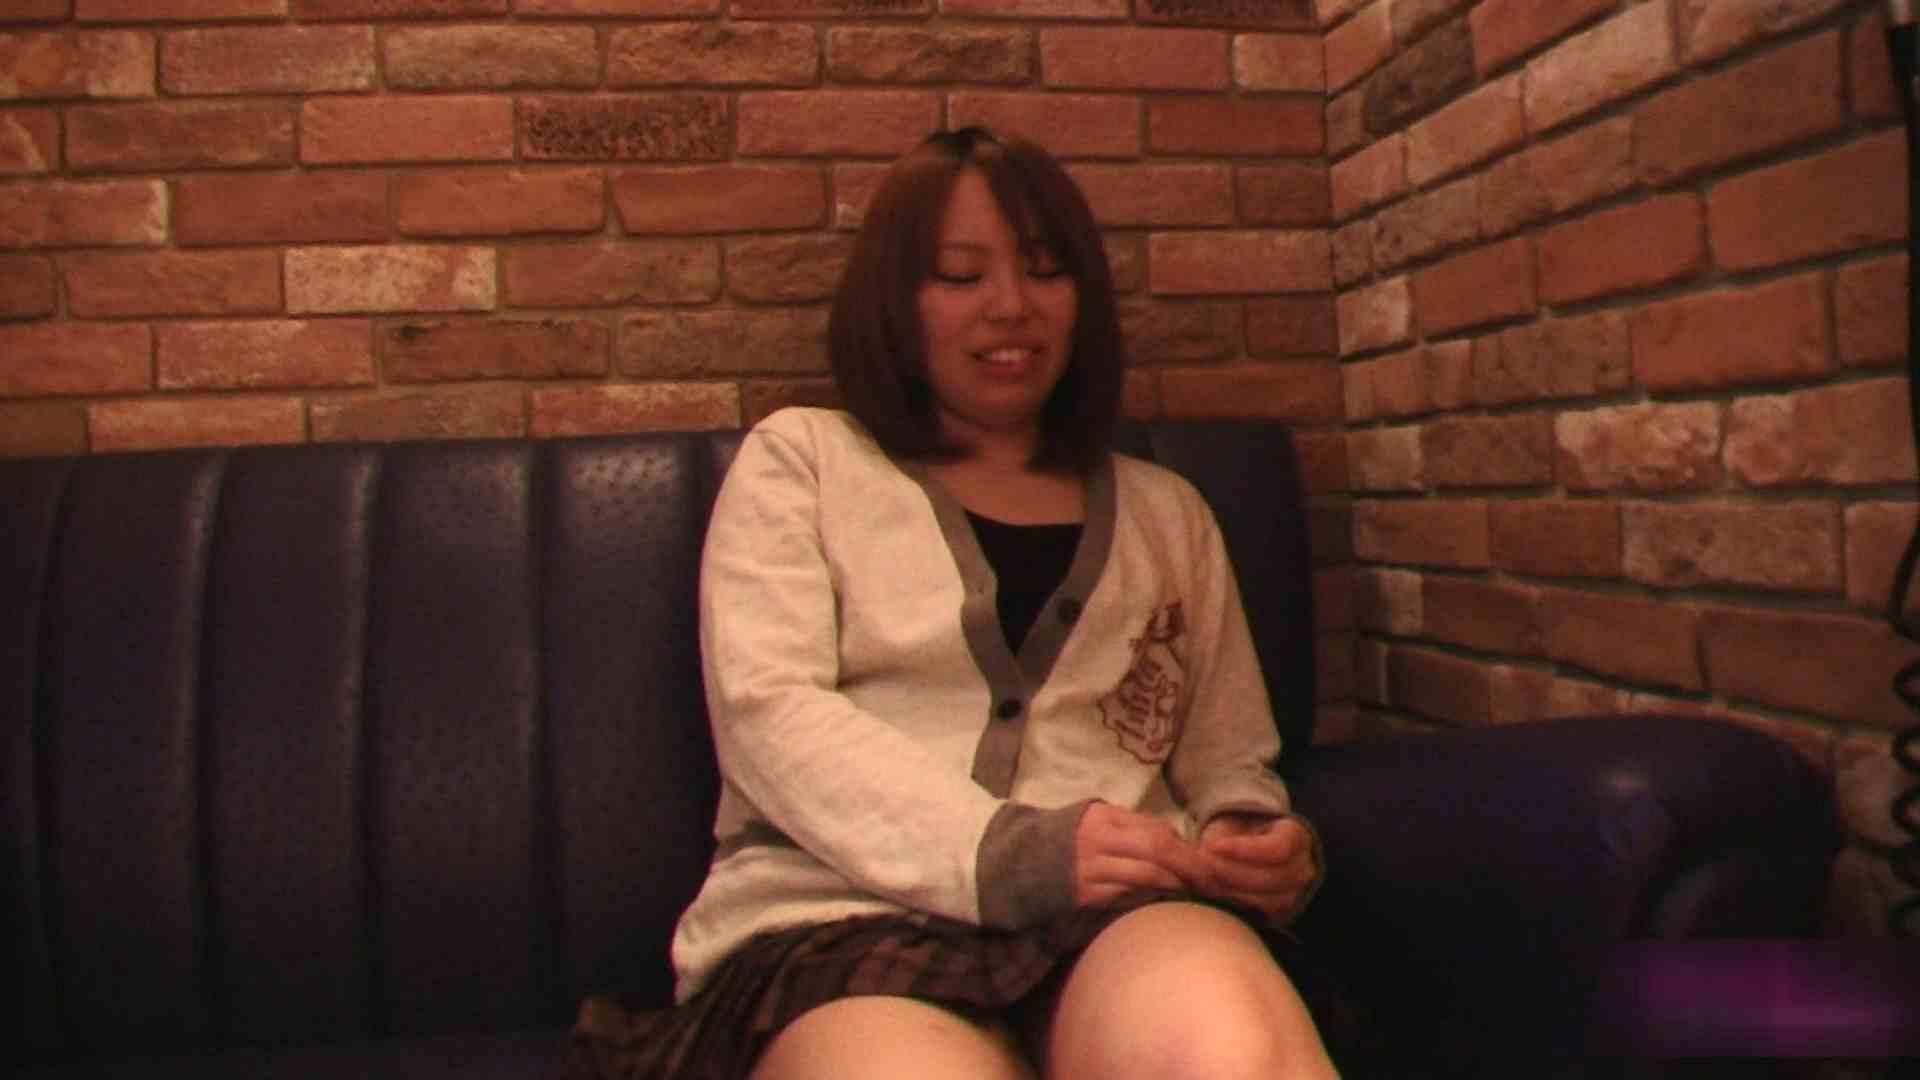 変態ギャル姫のH Vol.13 前編 喘ぎ  92PIX 24